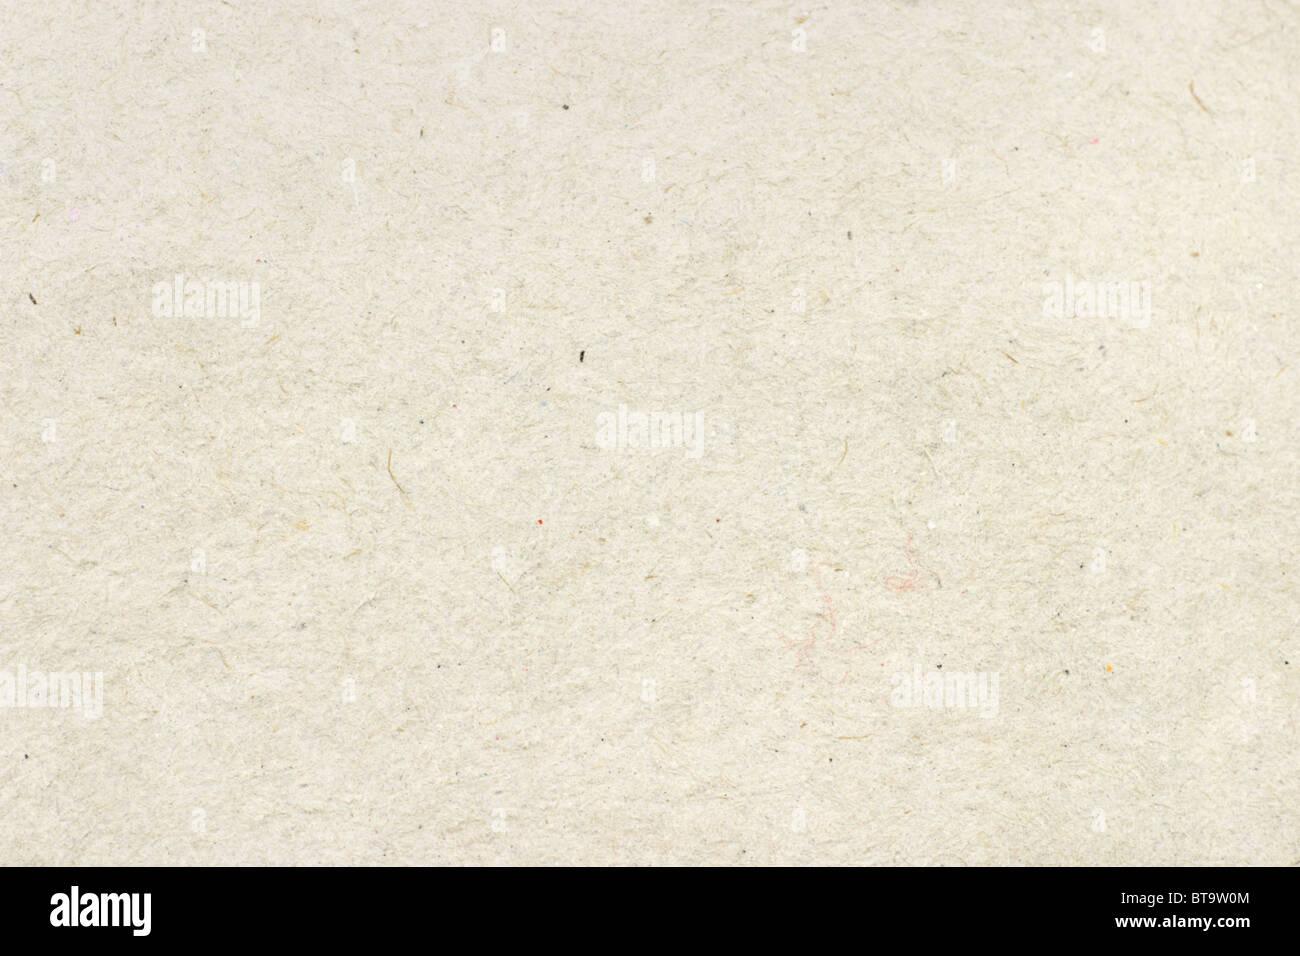 Cerrada de papel reciclado de cartón fondo textura de superficie Imagen De Stock